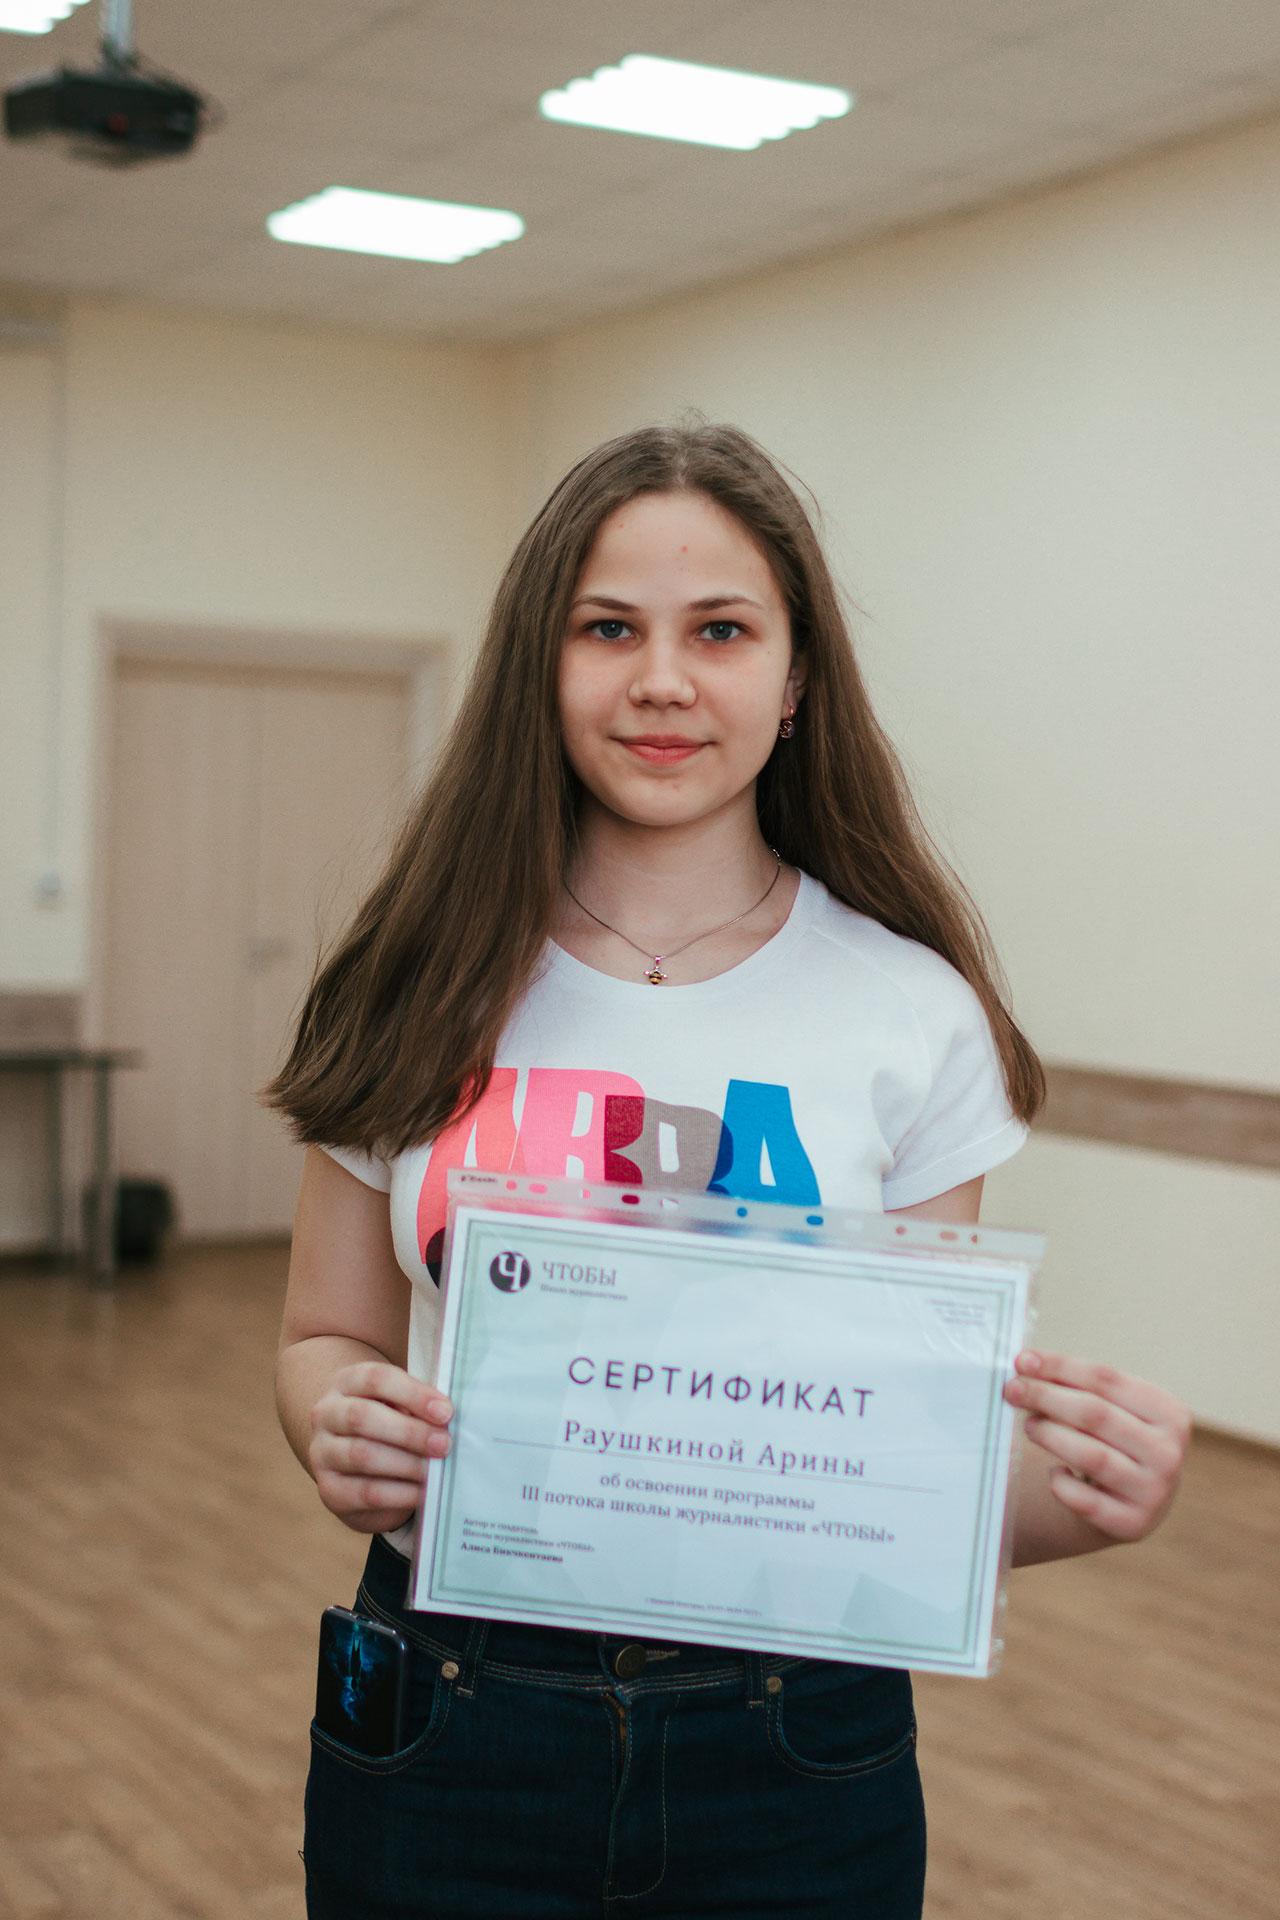 Арина Раушкина